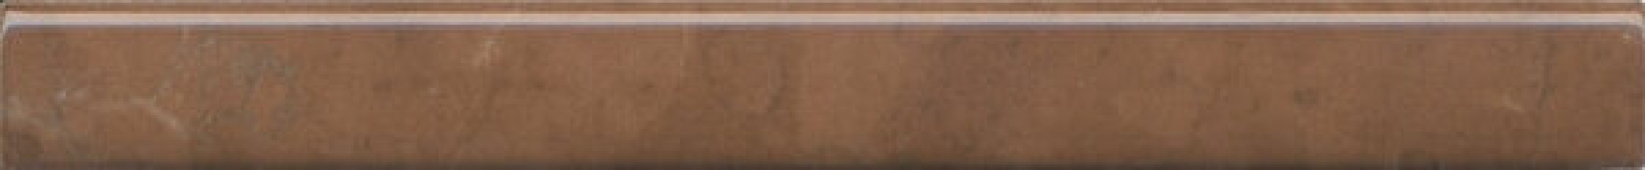 PFE025 Карандаш Стемма коричневый 20*2 бордюр